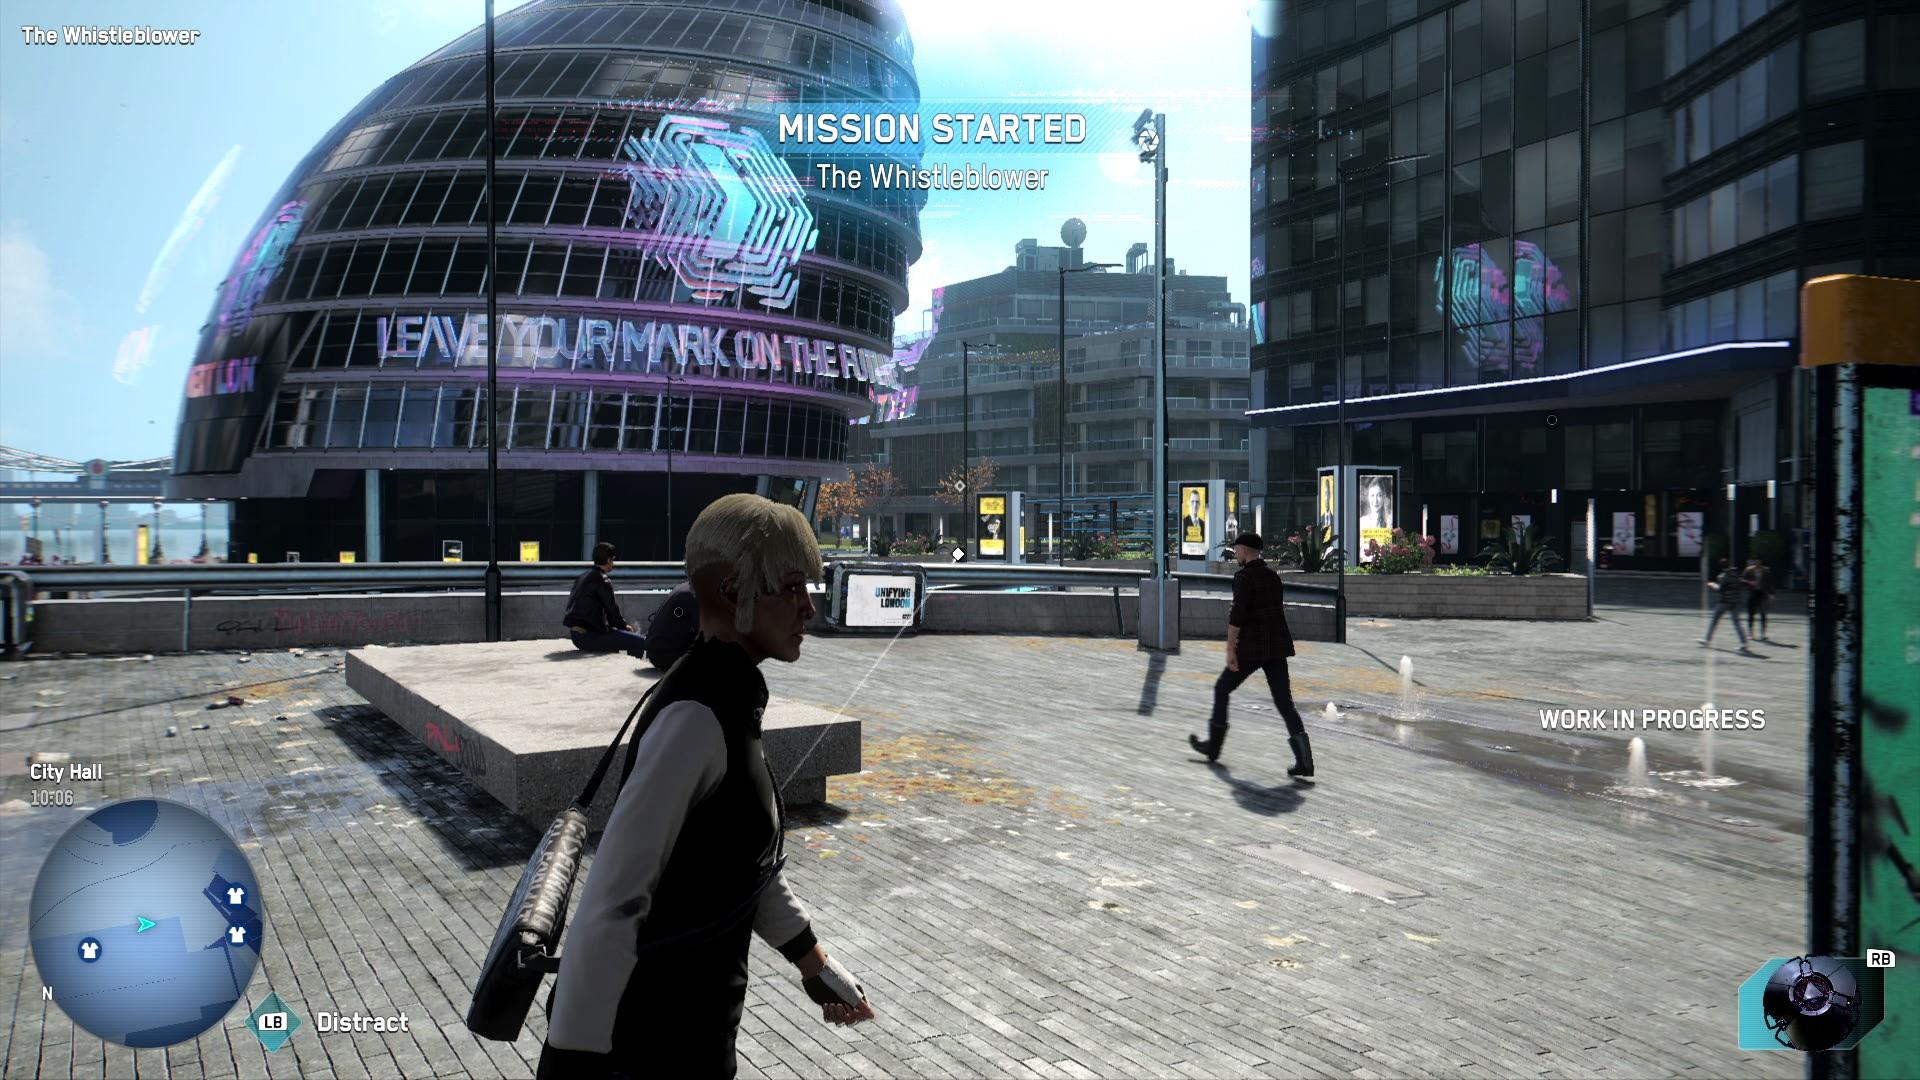 Ein Platz mit futuristischer Neon-Werbung auf einem kugeligen Glasgebäude.